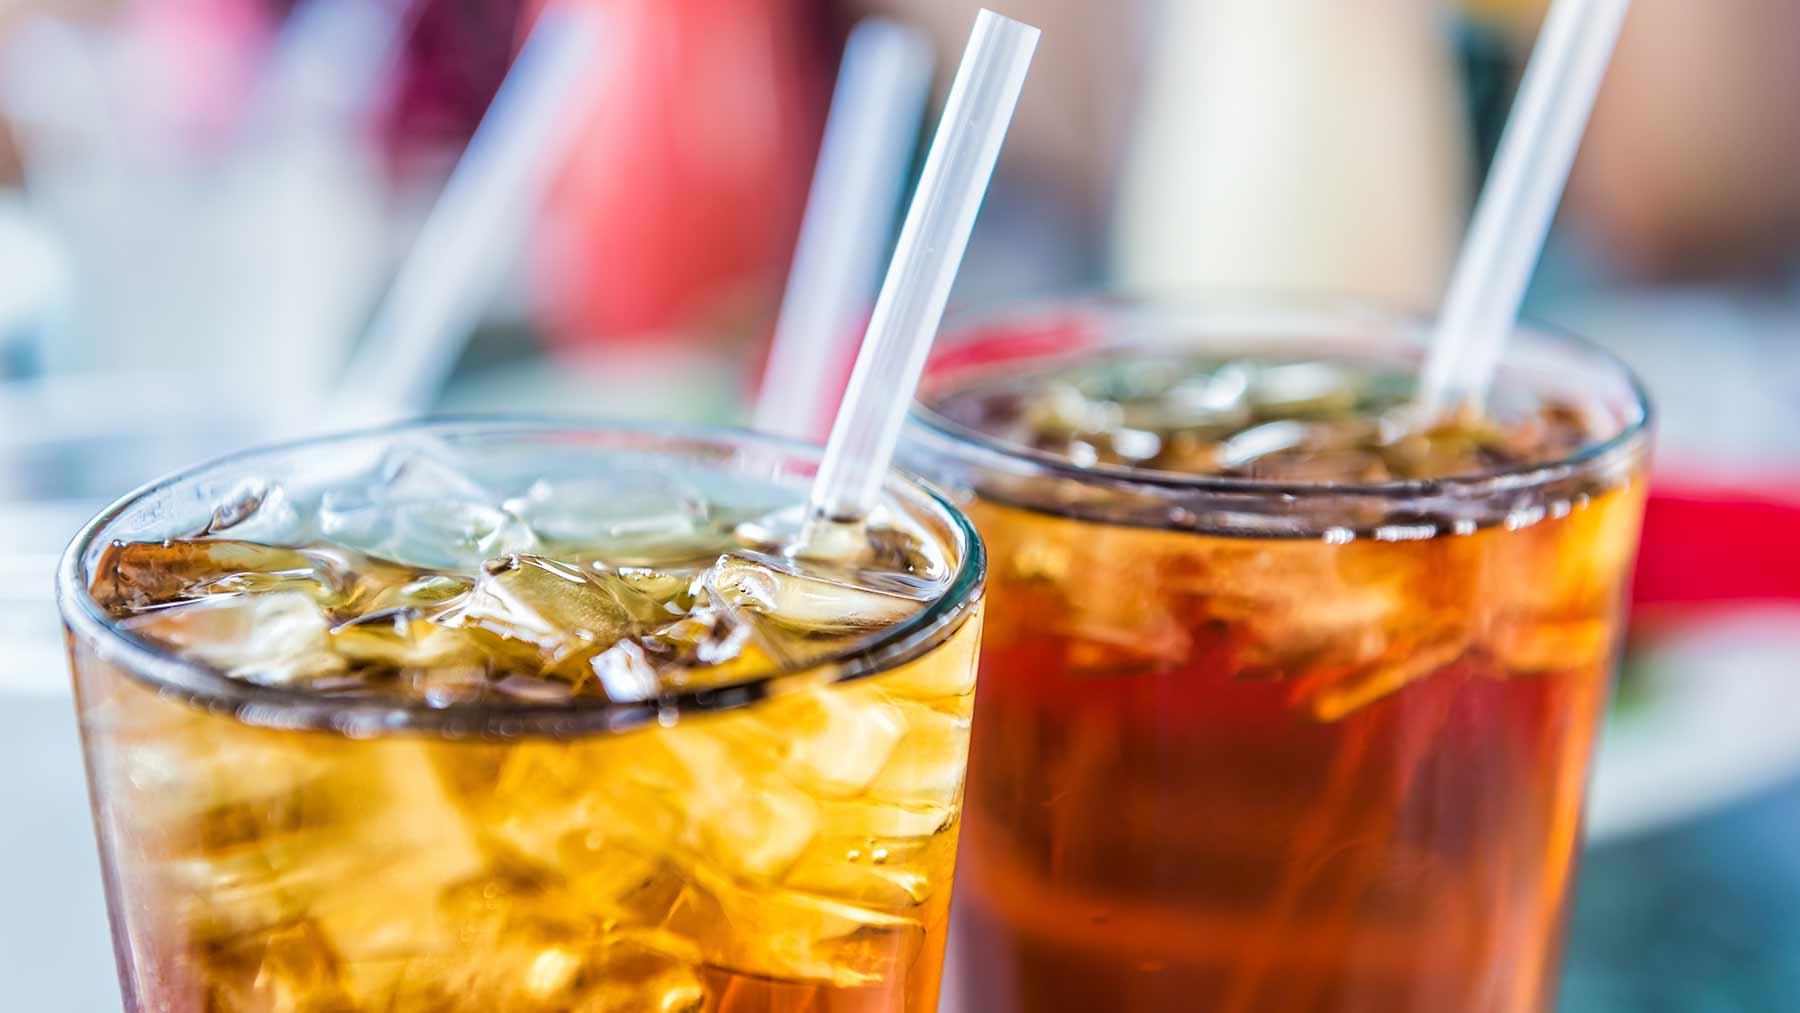 Αναψυκτικά: Τα light αναψυκτικά είναι επιβλαβή για την υγεία